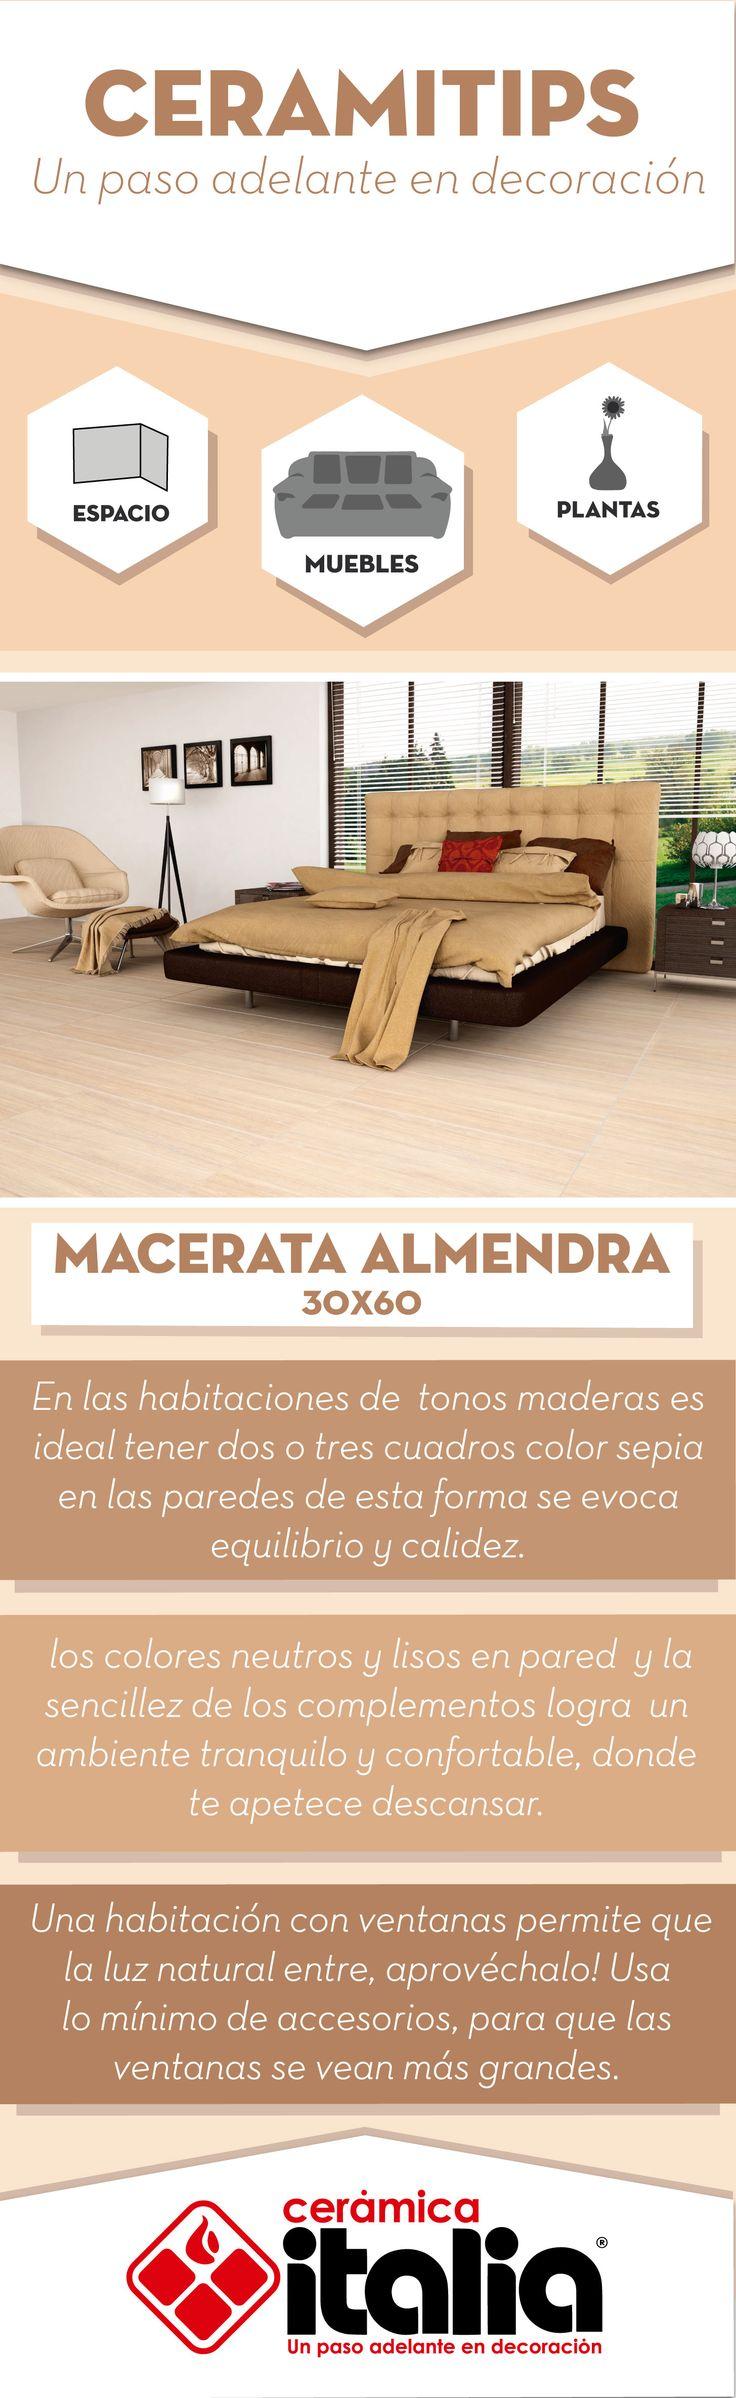 Decora tus habitaciones con  tonos maderas es ideal tener dos o tres cuadros color sepia en las paredes de esta forma se evoca equilibrio y calidez. #Habitación  #Room  #Cuadros #Picture #Lámpara  #Lamp